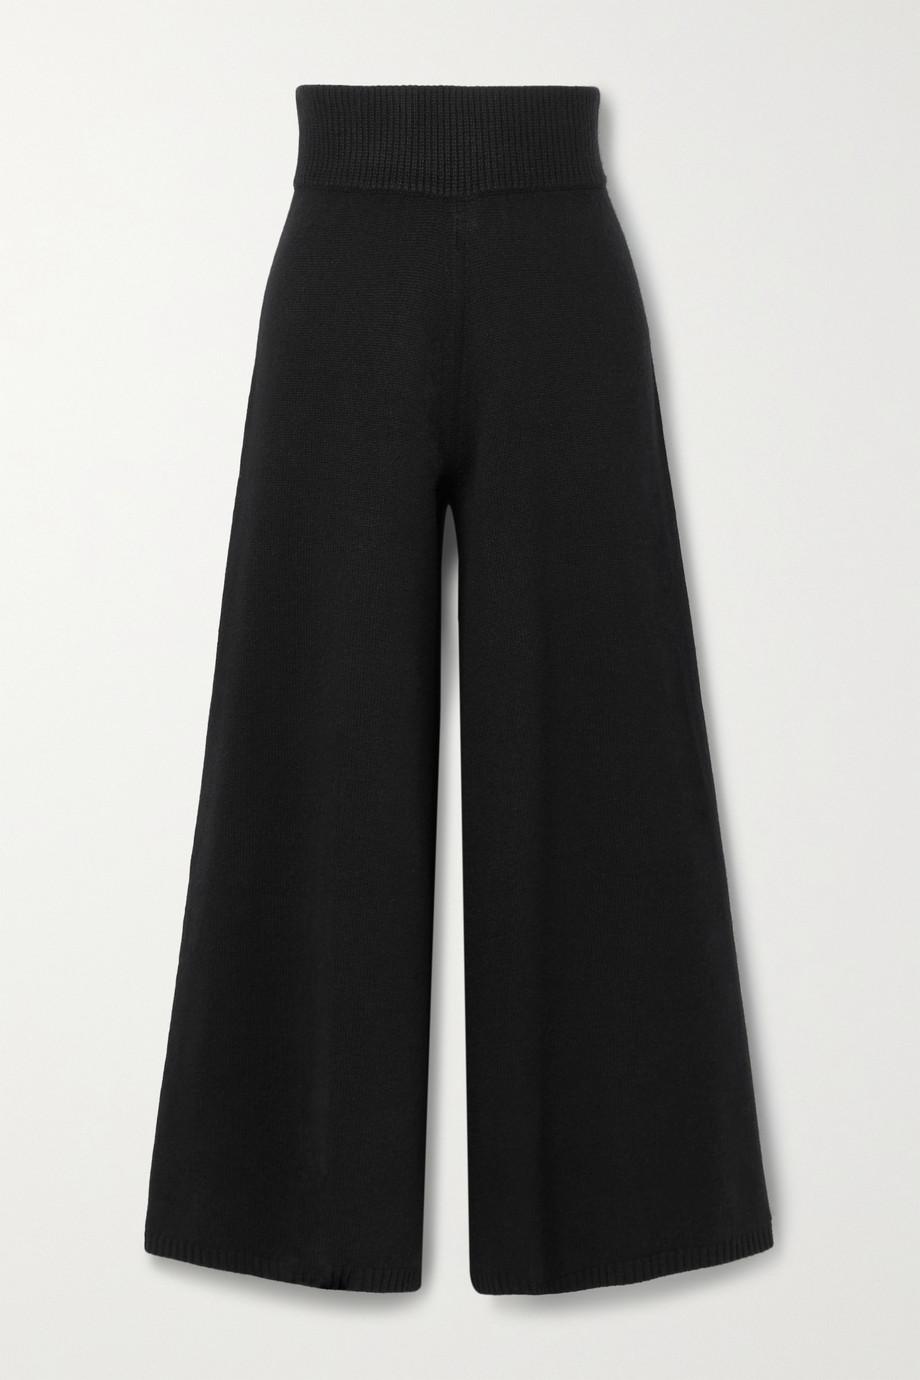 Khaite Rachelle cashmere wide-leg pants